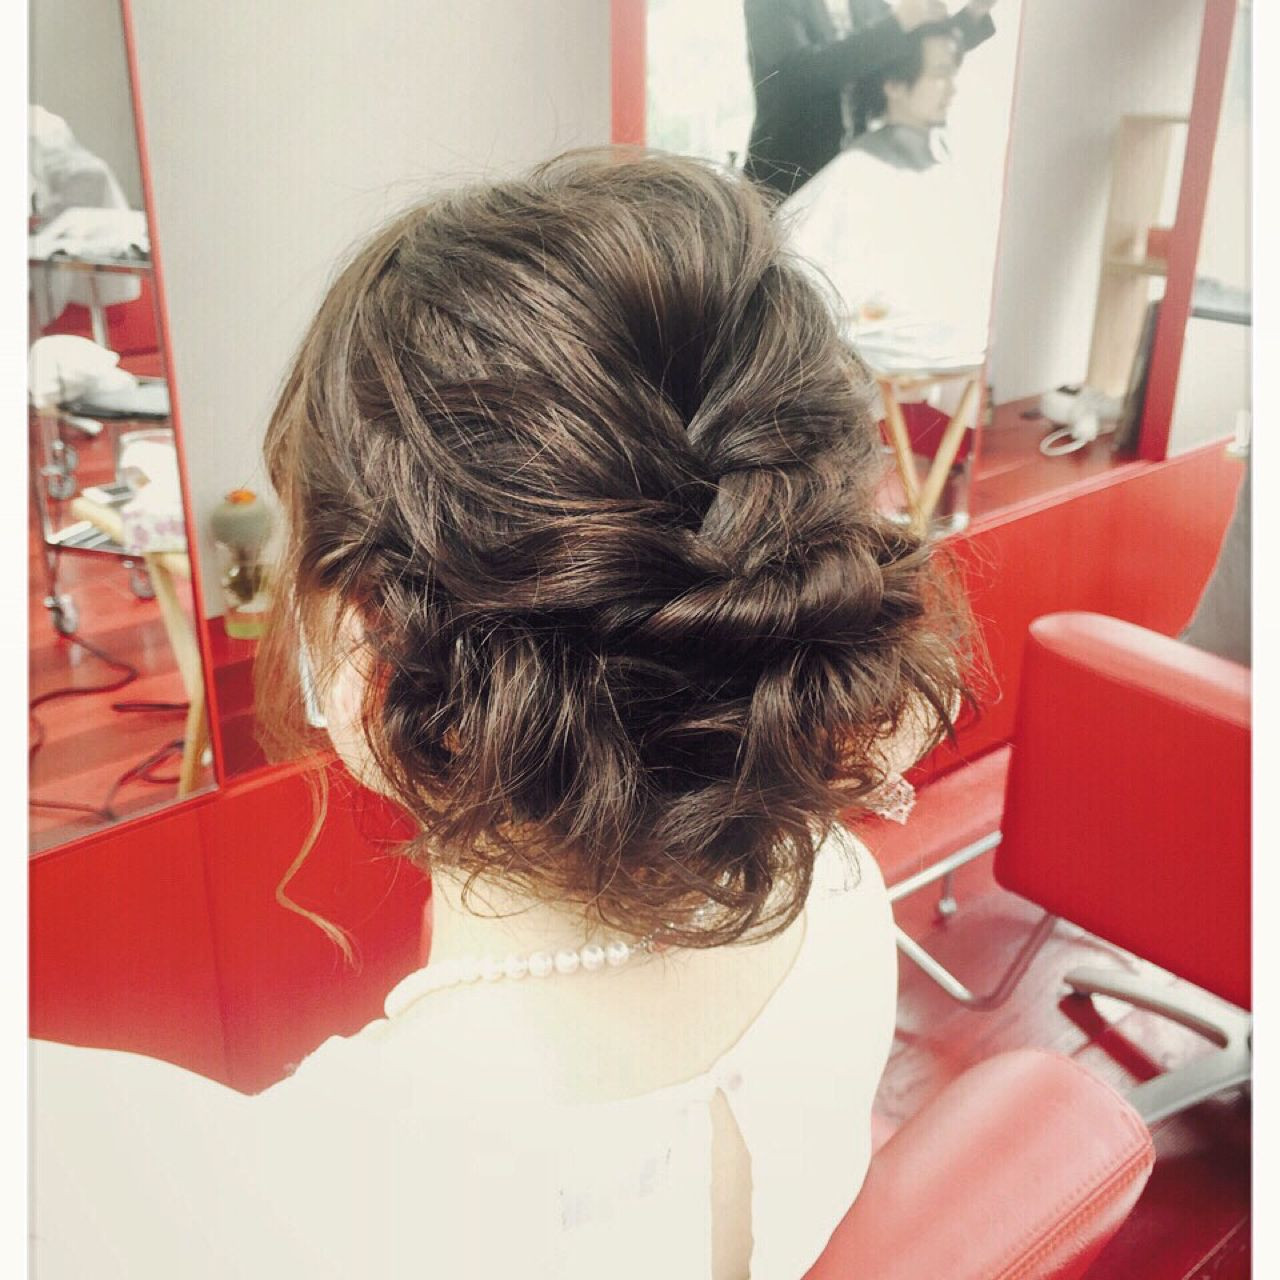 原宿系 ボブ ヘアアレンジ モテ髪 ヘアスタイルや髪型の写真・画像